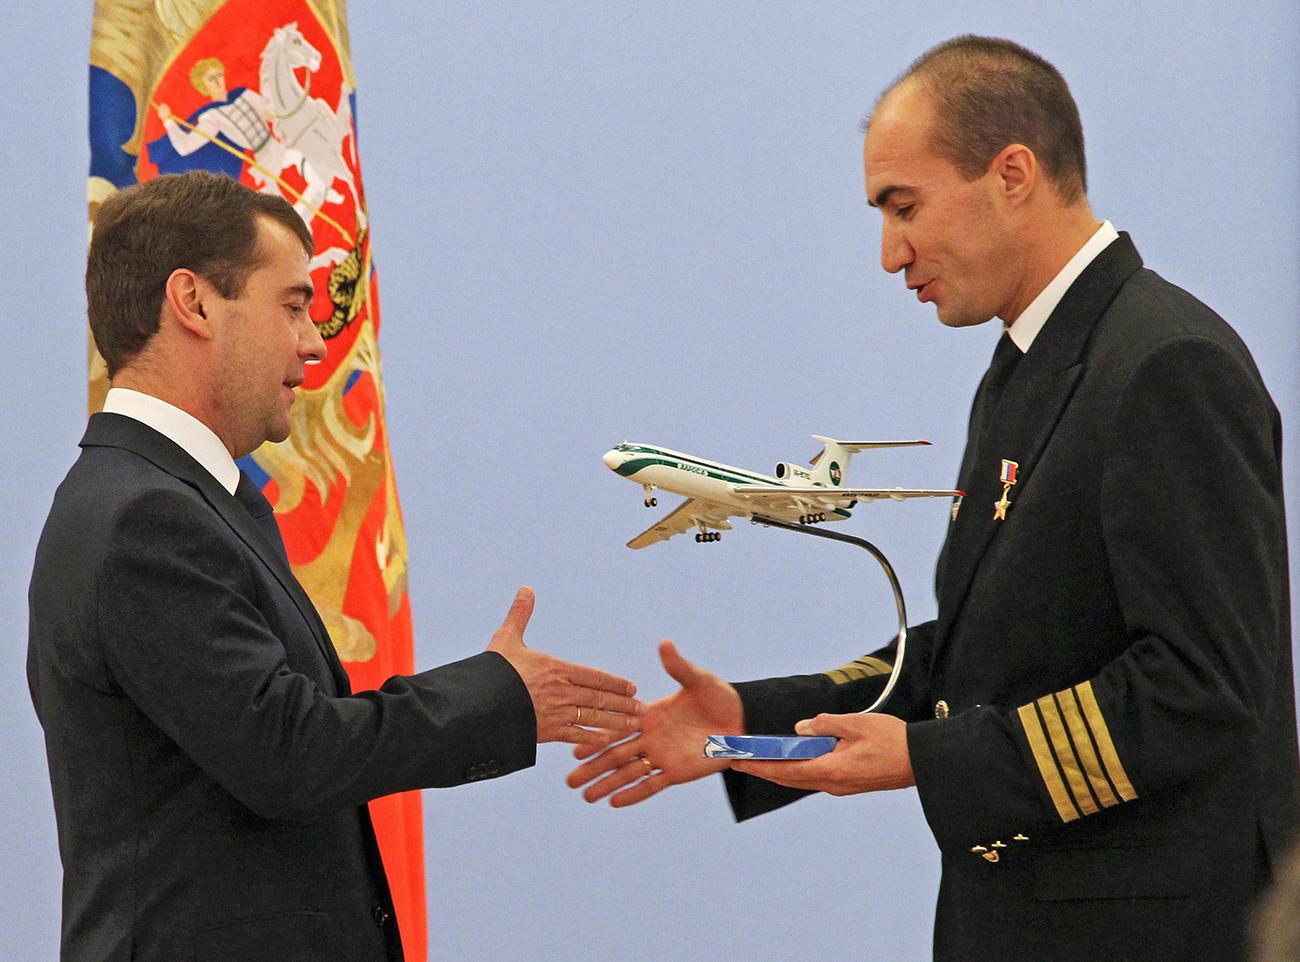 Председник Русије Дмитриј Медведев честита капетану авиона Ту-154 Јевгенију Новосјолову који је награђен звањем Хероја Русије.